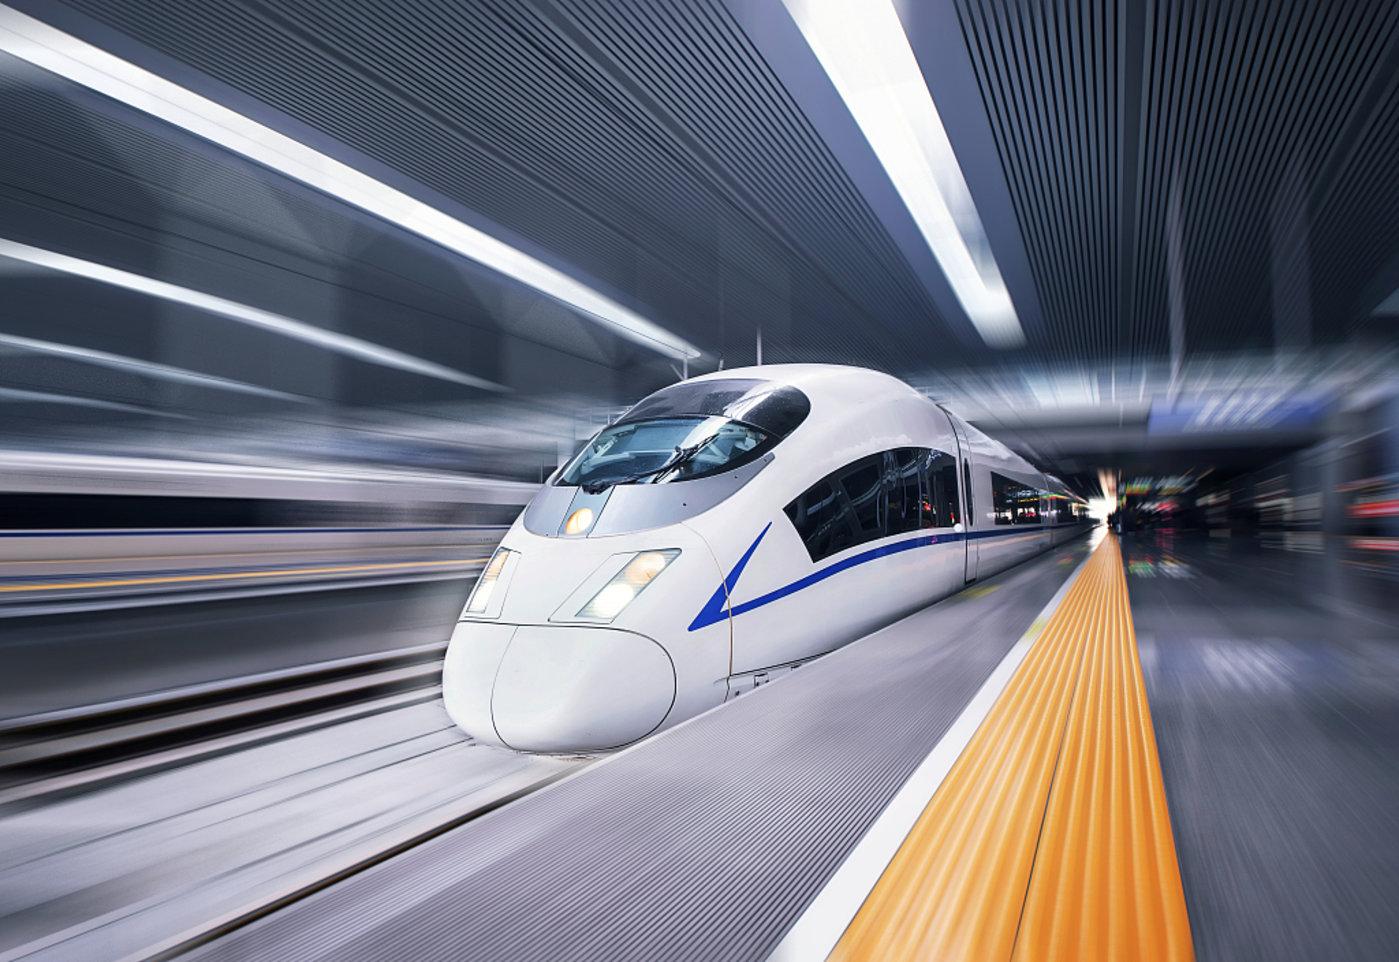 高铁票打折时代来临,最高打5.5折,高铁一票难求成历史了吗?